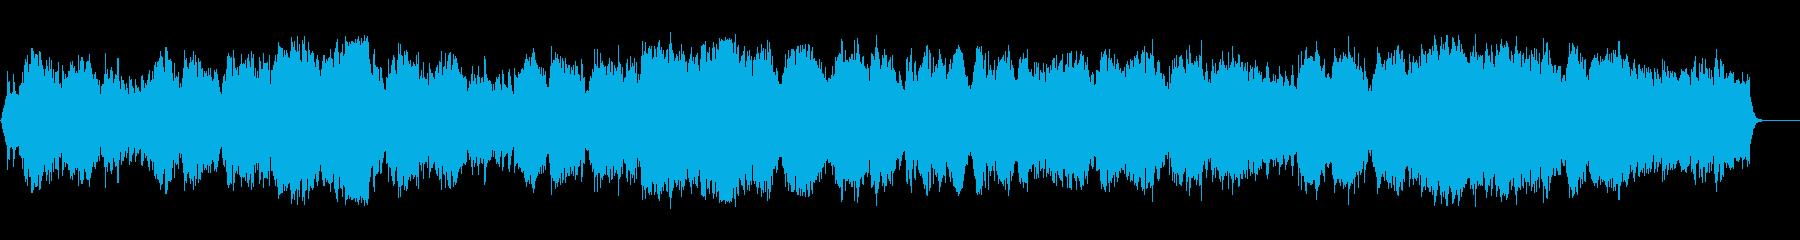 静穏な一時の安らぎのネイチャー系BGMの再生済みの波形